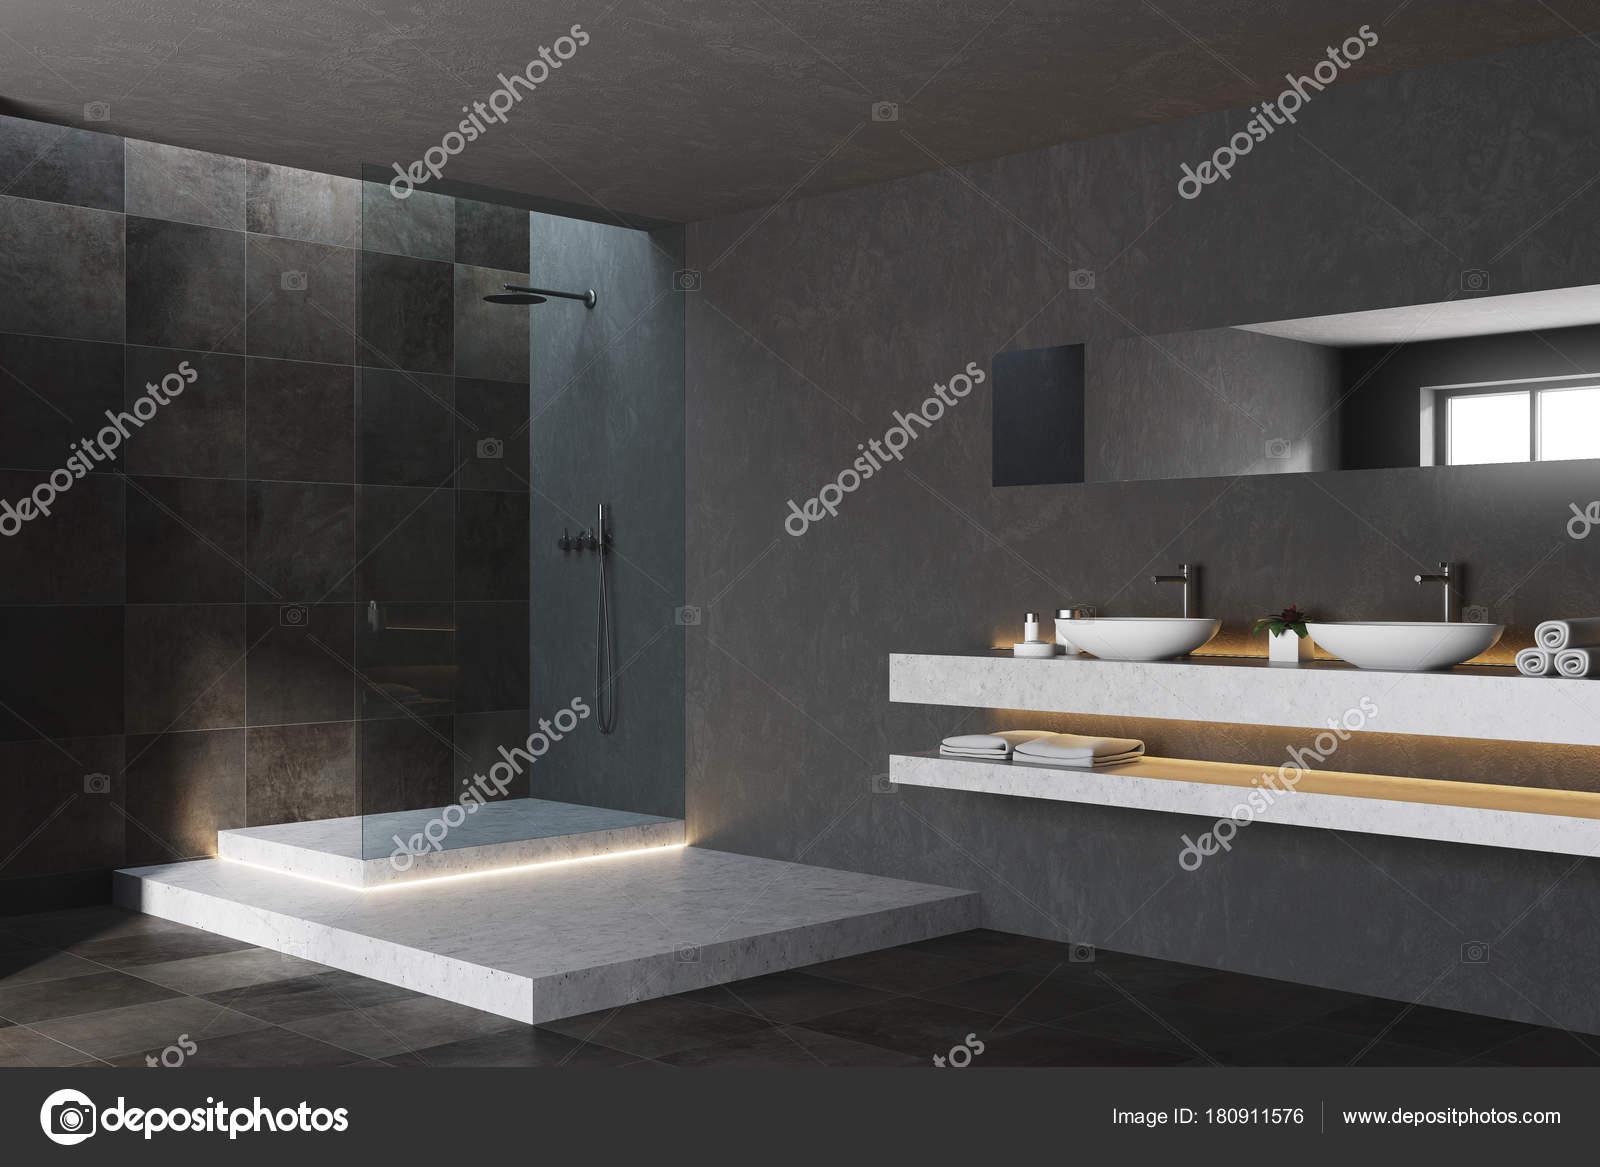 Schwarz Weiß Gefliesten Badezimmer Ecke U2014 Stockfoto